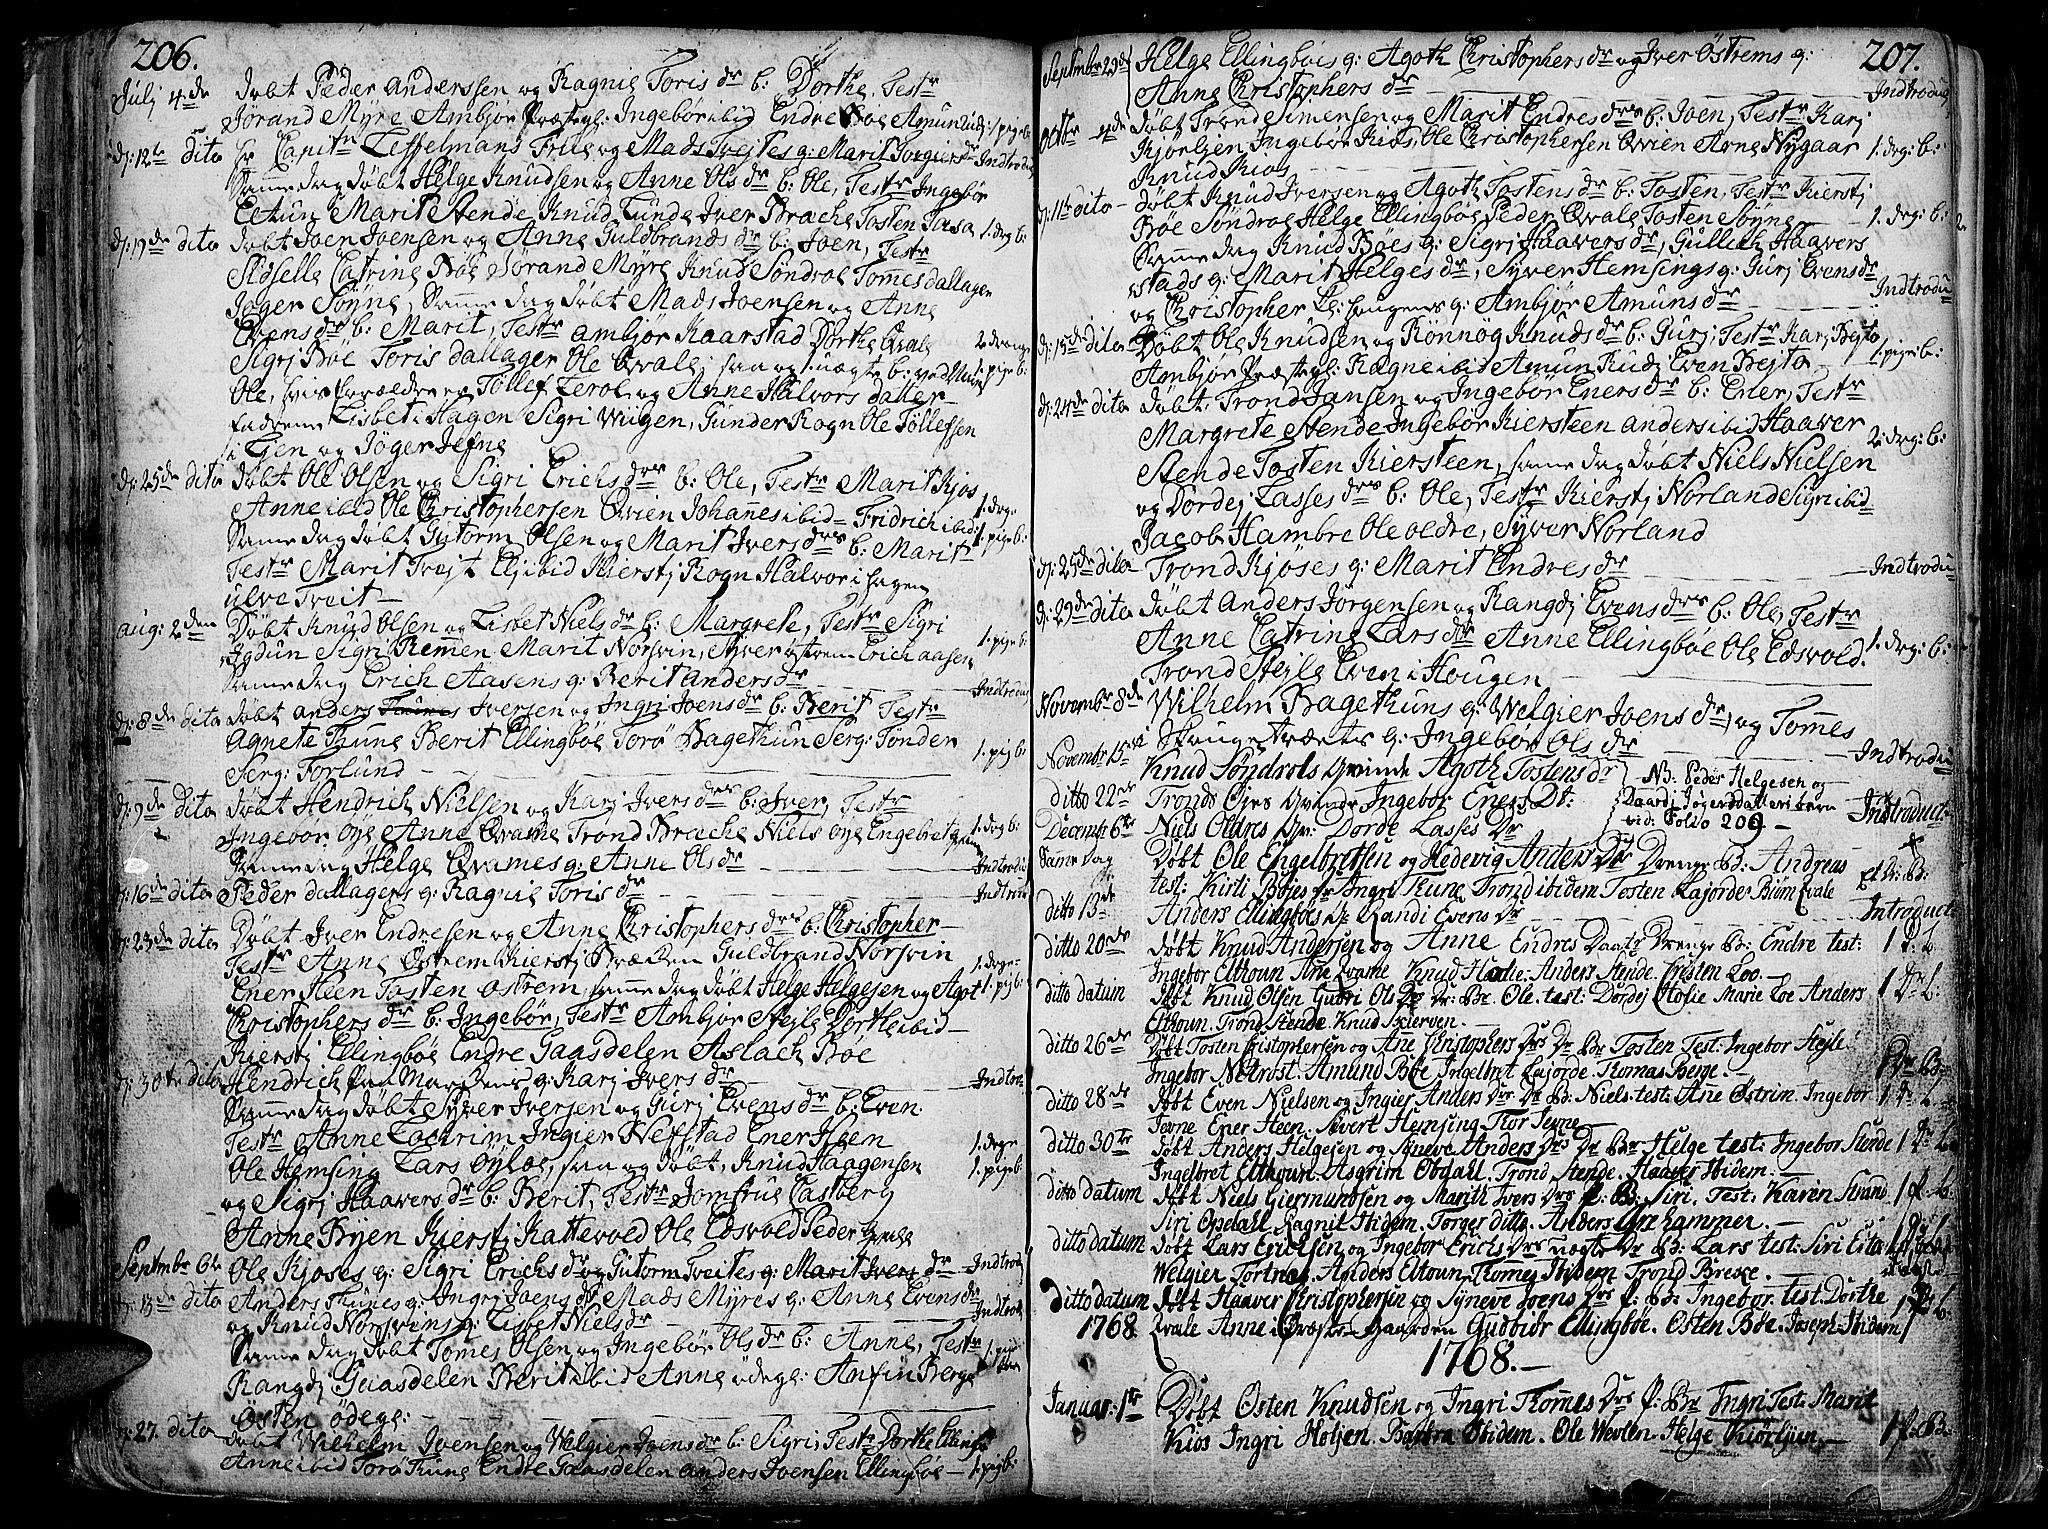 SAH, Vang prestekontor, Valdres, Ministerialbok nr. 1, 1730-1796, s. 206-207